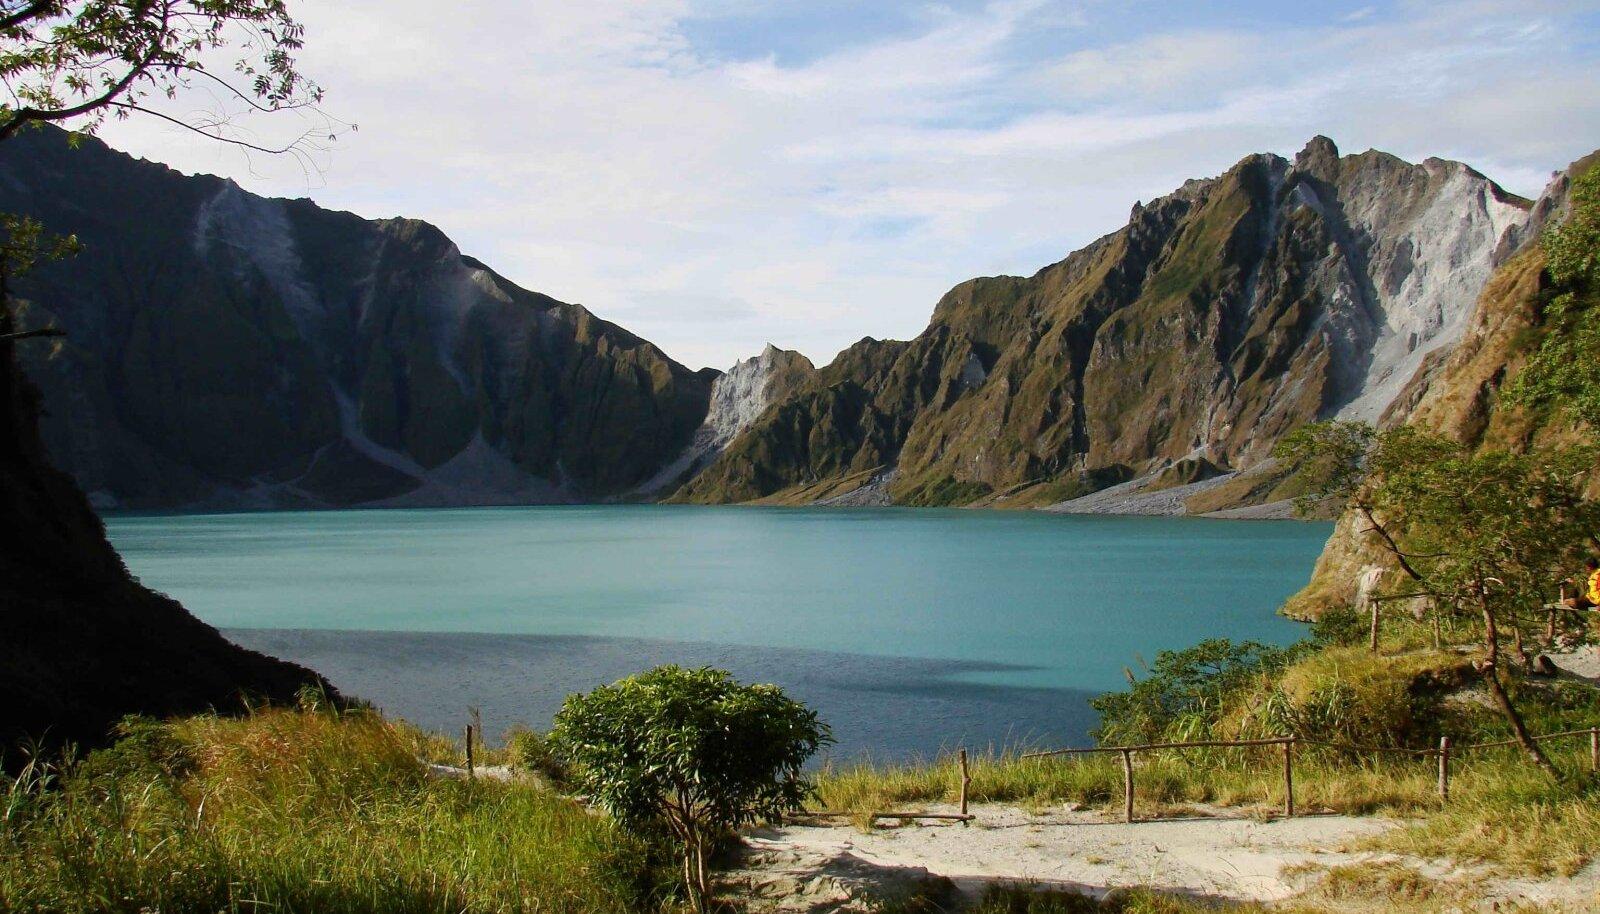 Üks loodussündmus, mis läks maakera katastroofide ajalukku, oli 1991. aastal Filipiinide saarestikus aset leidnud Pinatubo-nimelise vulkaani purse.